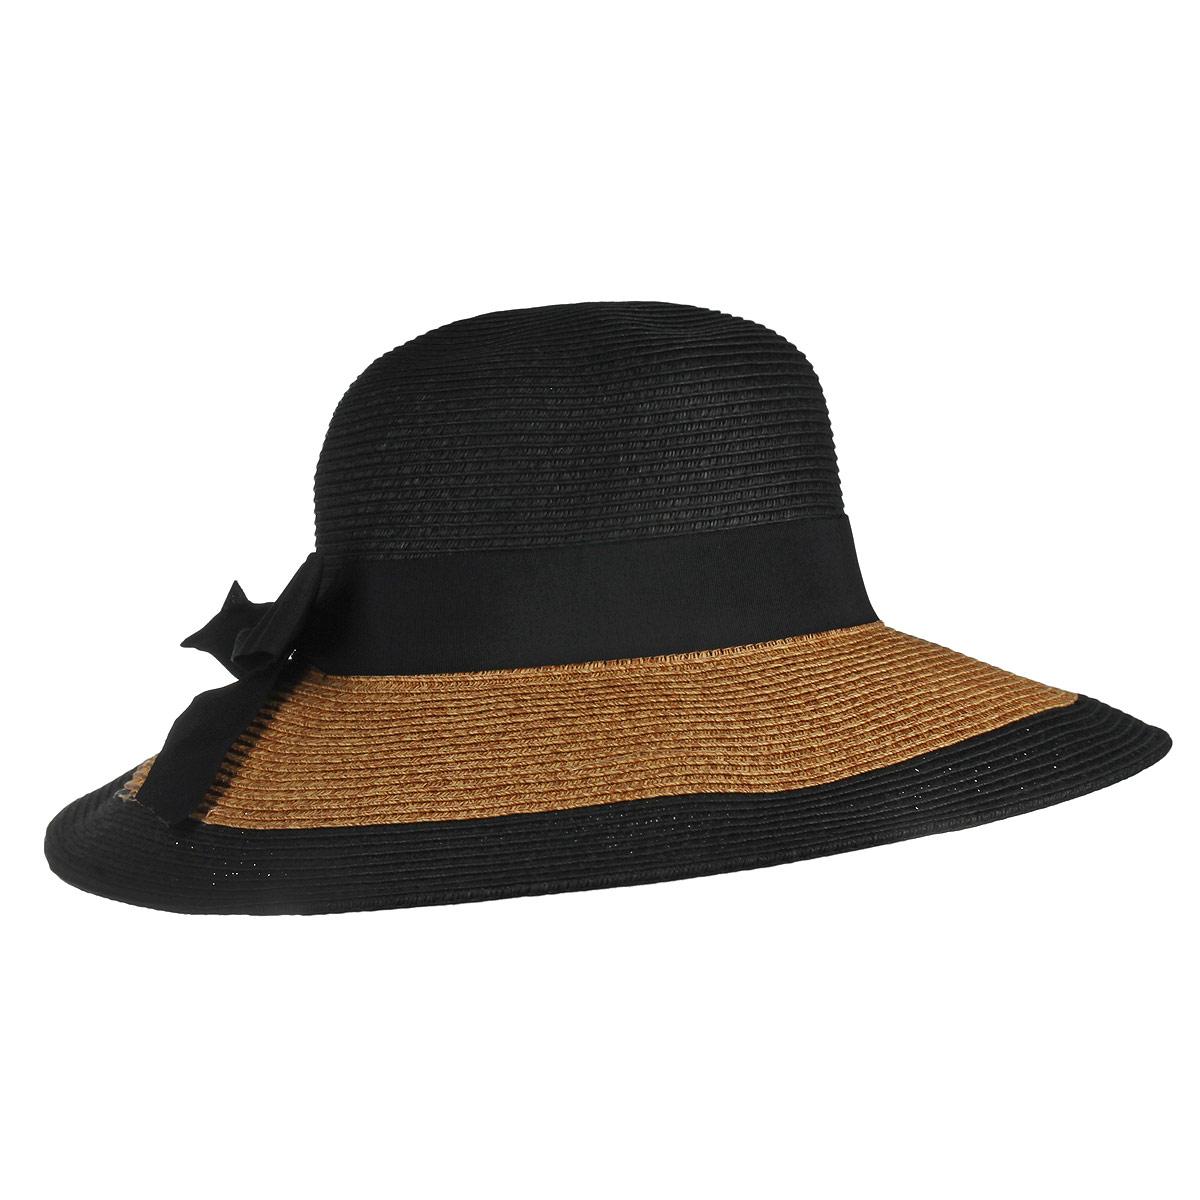 1966130Очаровательная летняя шляпа Canoe Elegance, выполненная из искусственной соломы и прочного полиэстера, станет незаменимым аксессуаром для пляжа и отдыха на природе. Широкие поля шляпы обеспечат надежную защиту от солнечных лучей. Шляпа оформлена декоративной лентой с бантом. Плетение шляпы обеспечивает необходимую вентиляцию и комфорт даже в самый знойный день. Шляпа легко восстанавливает свою форму после сжатия. Стильная шляпа с элегантными волнистыми полями подчеркнет вашу неповторимость и дополнит ваш повседневный образ.